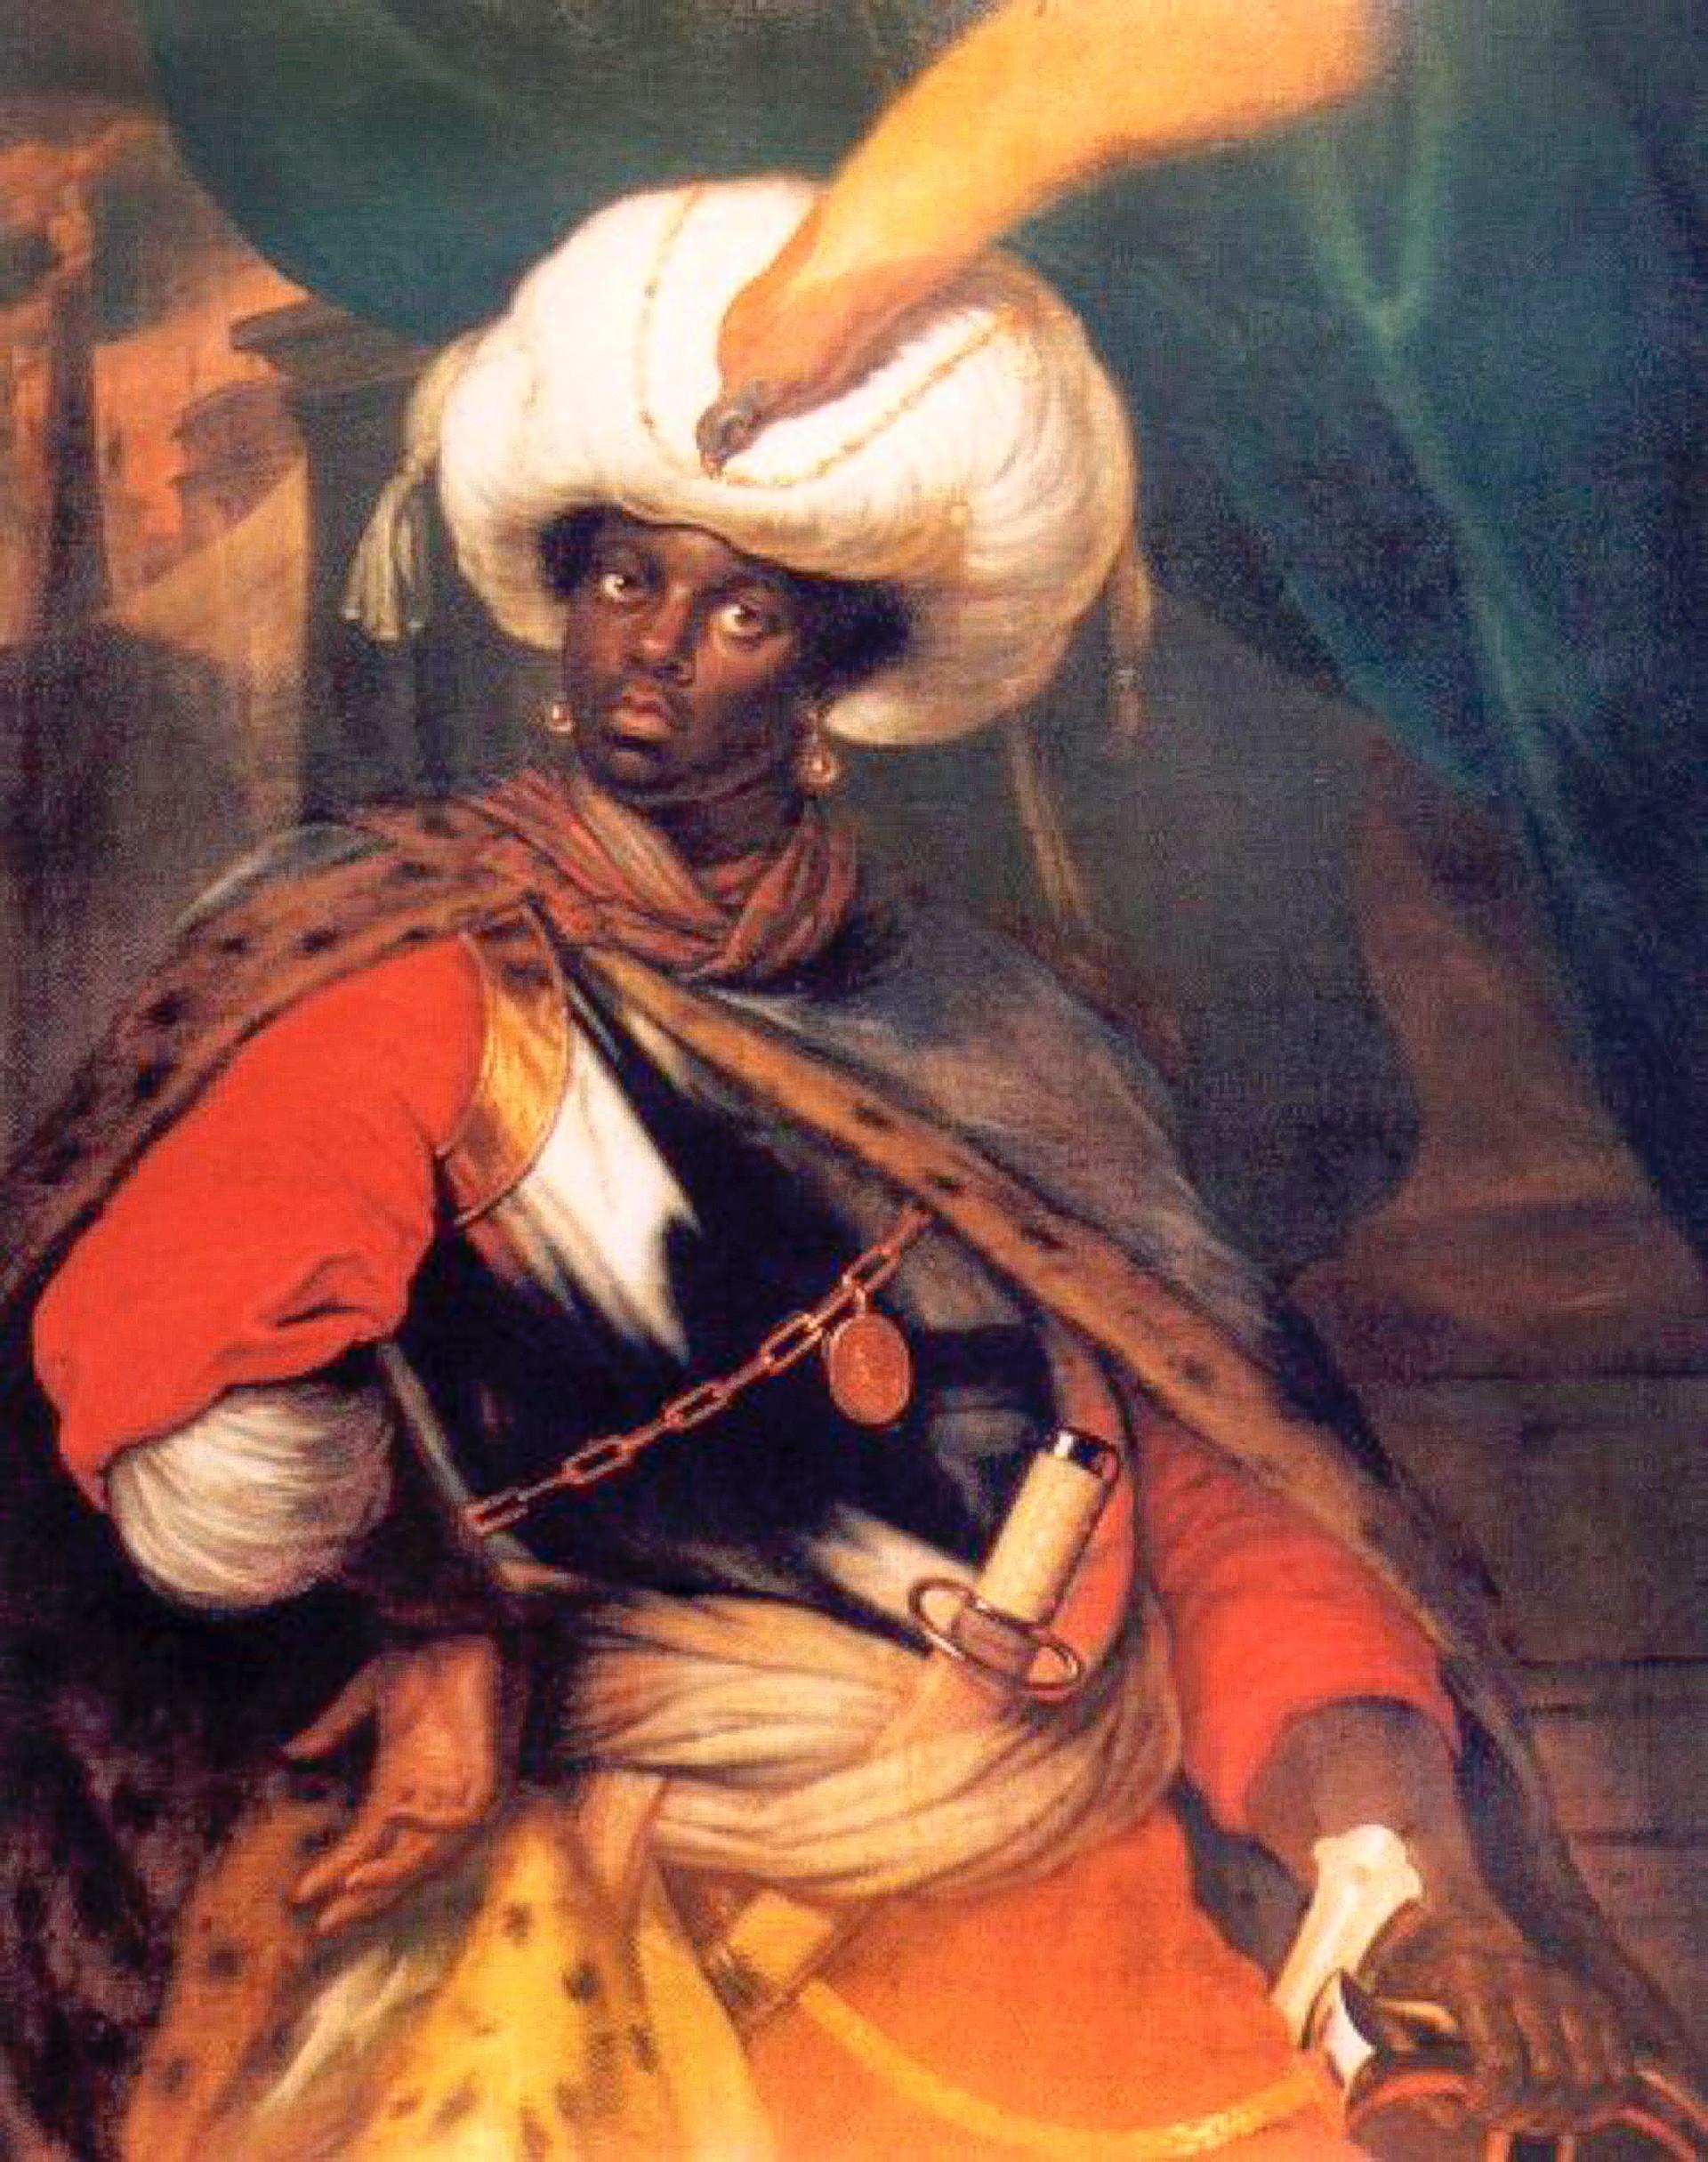 Domnevna upodobitev mladega Ibrahima Hanibala